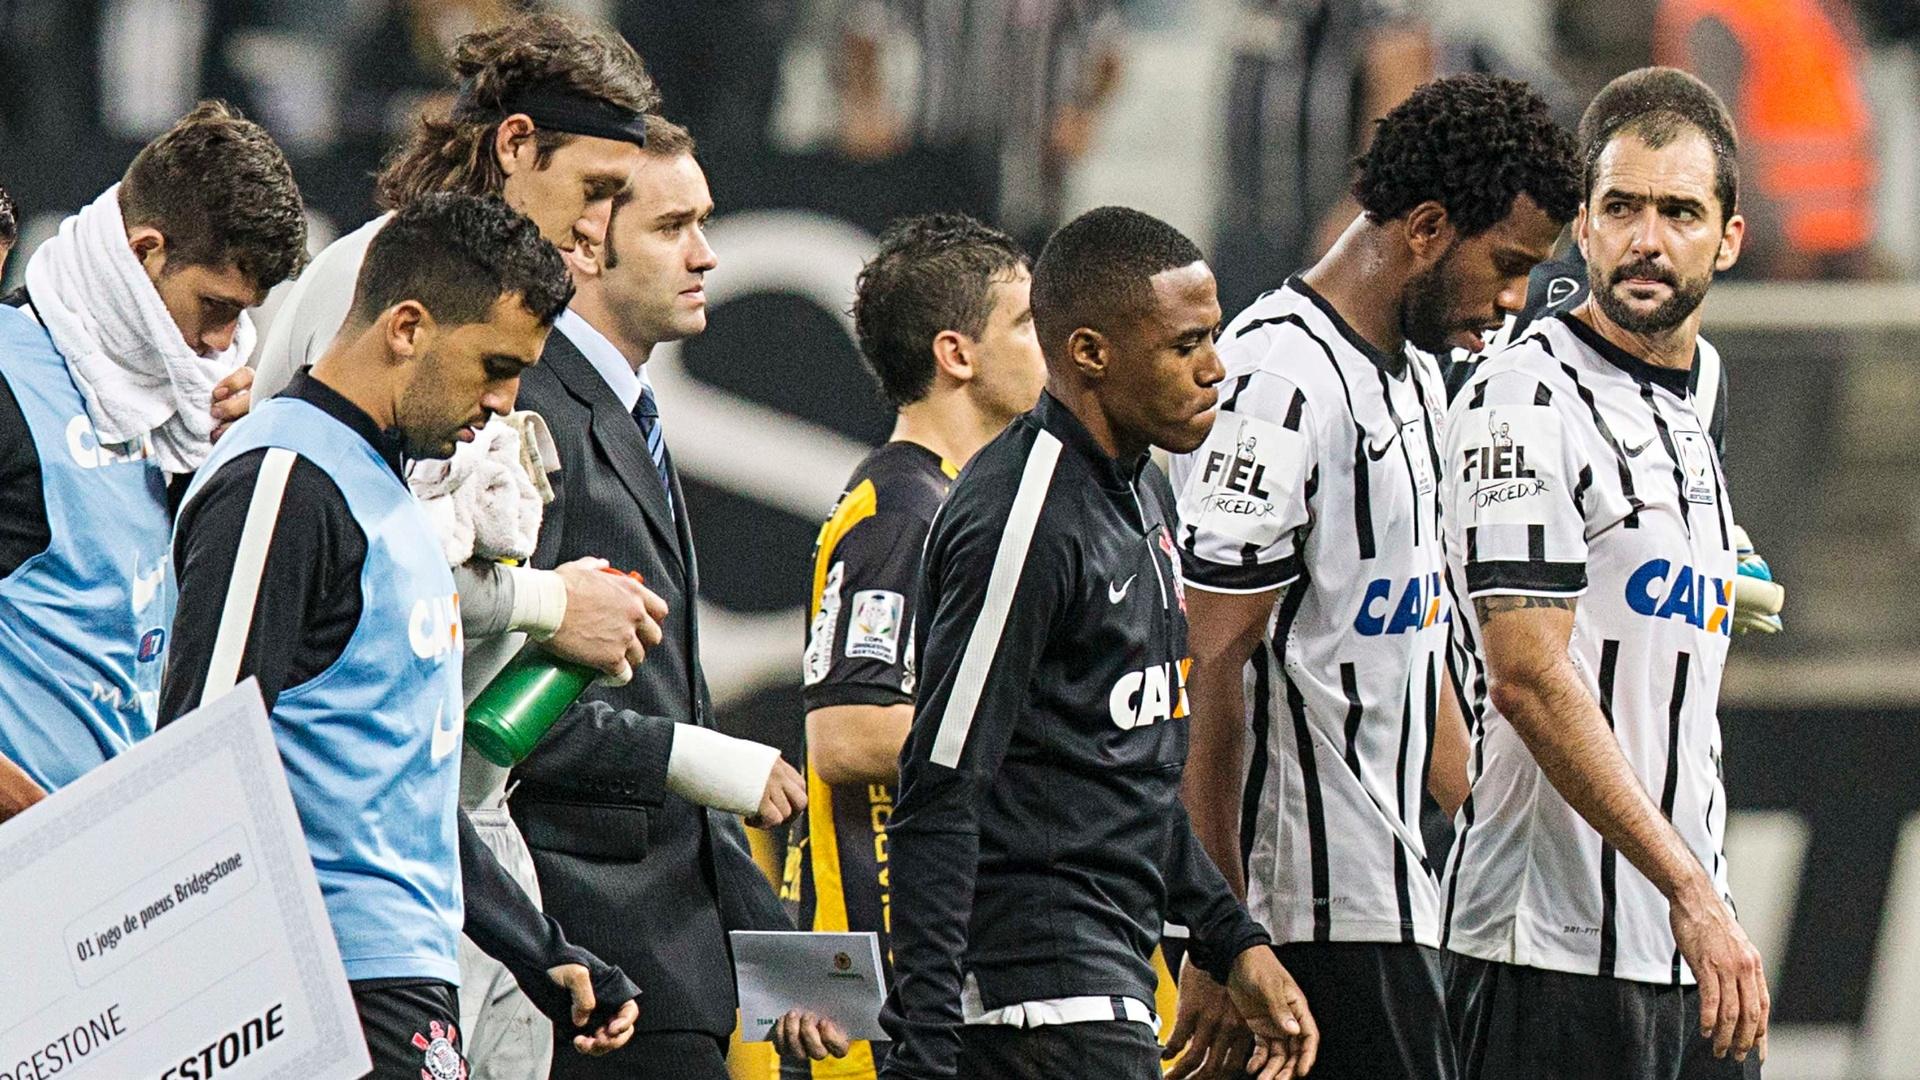 Jogadores do Corinthians lamentam eliminação na Libertadores 2015